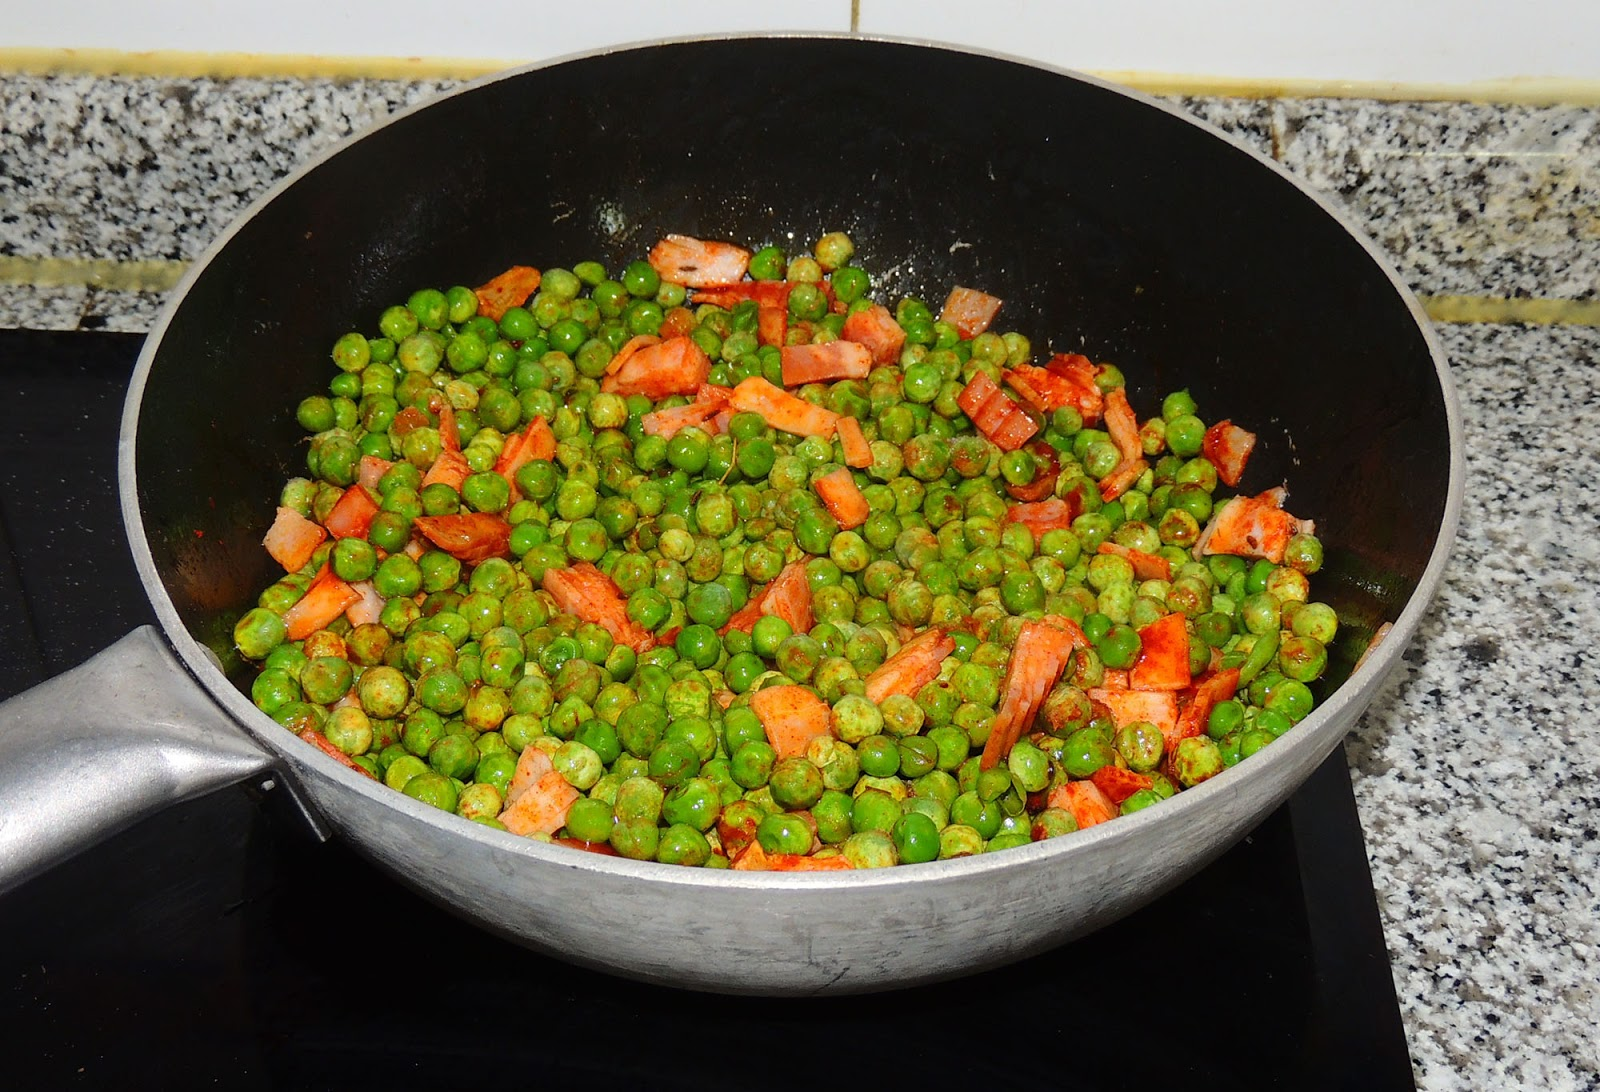 Cocinando en altorreal guisantes con bacon y piment n for Cocinar guisantes congelados